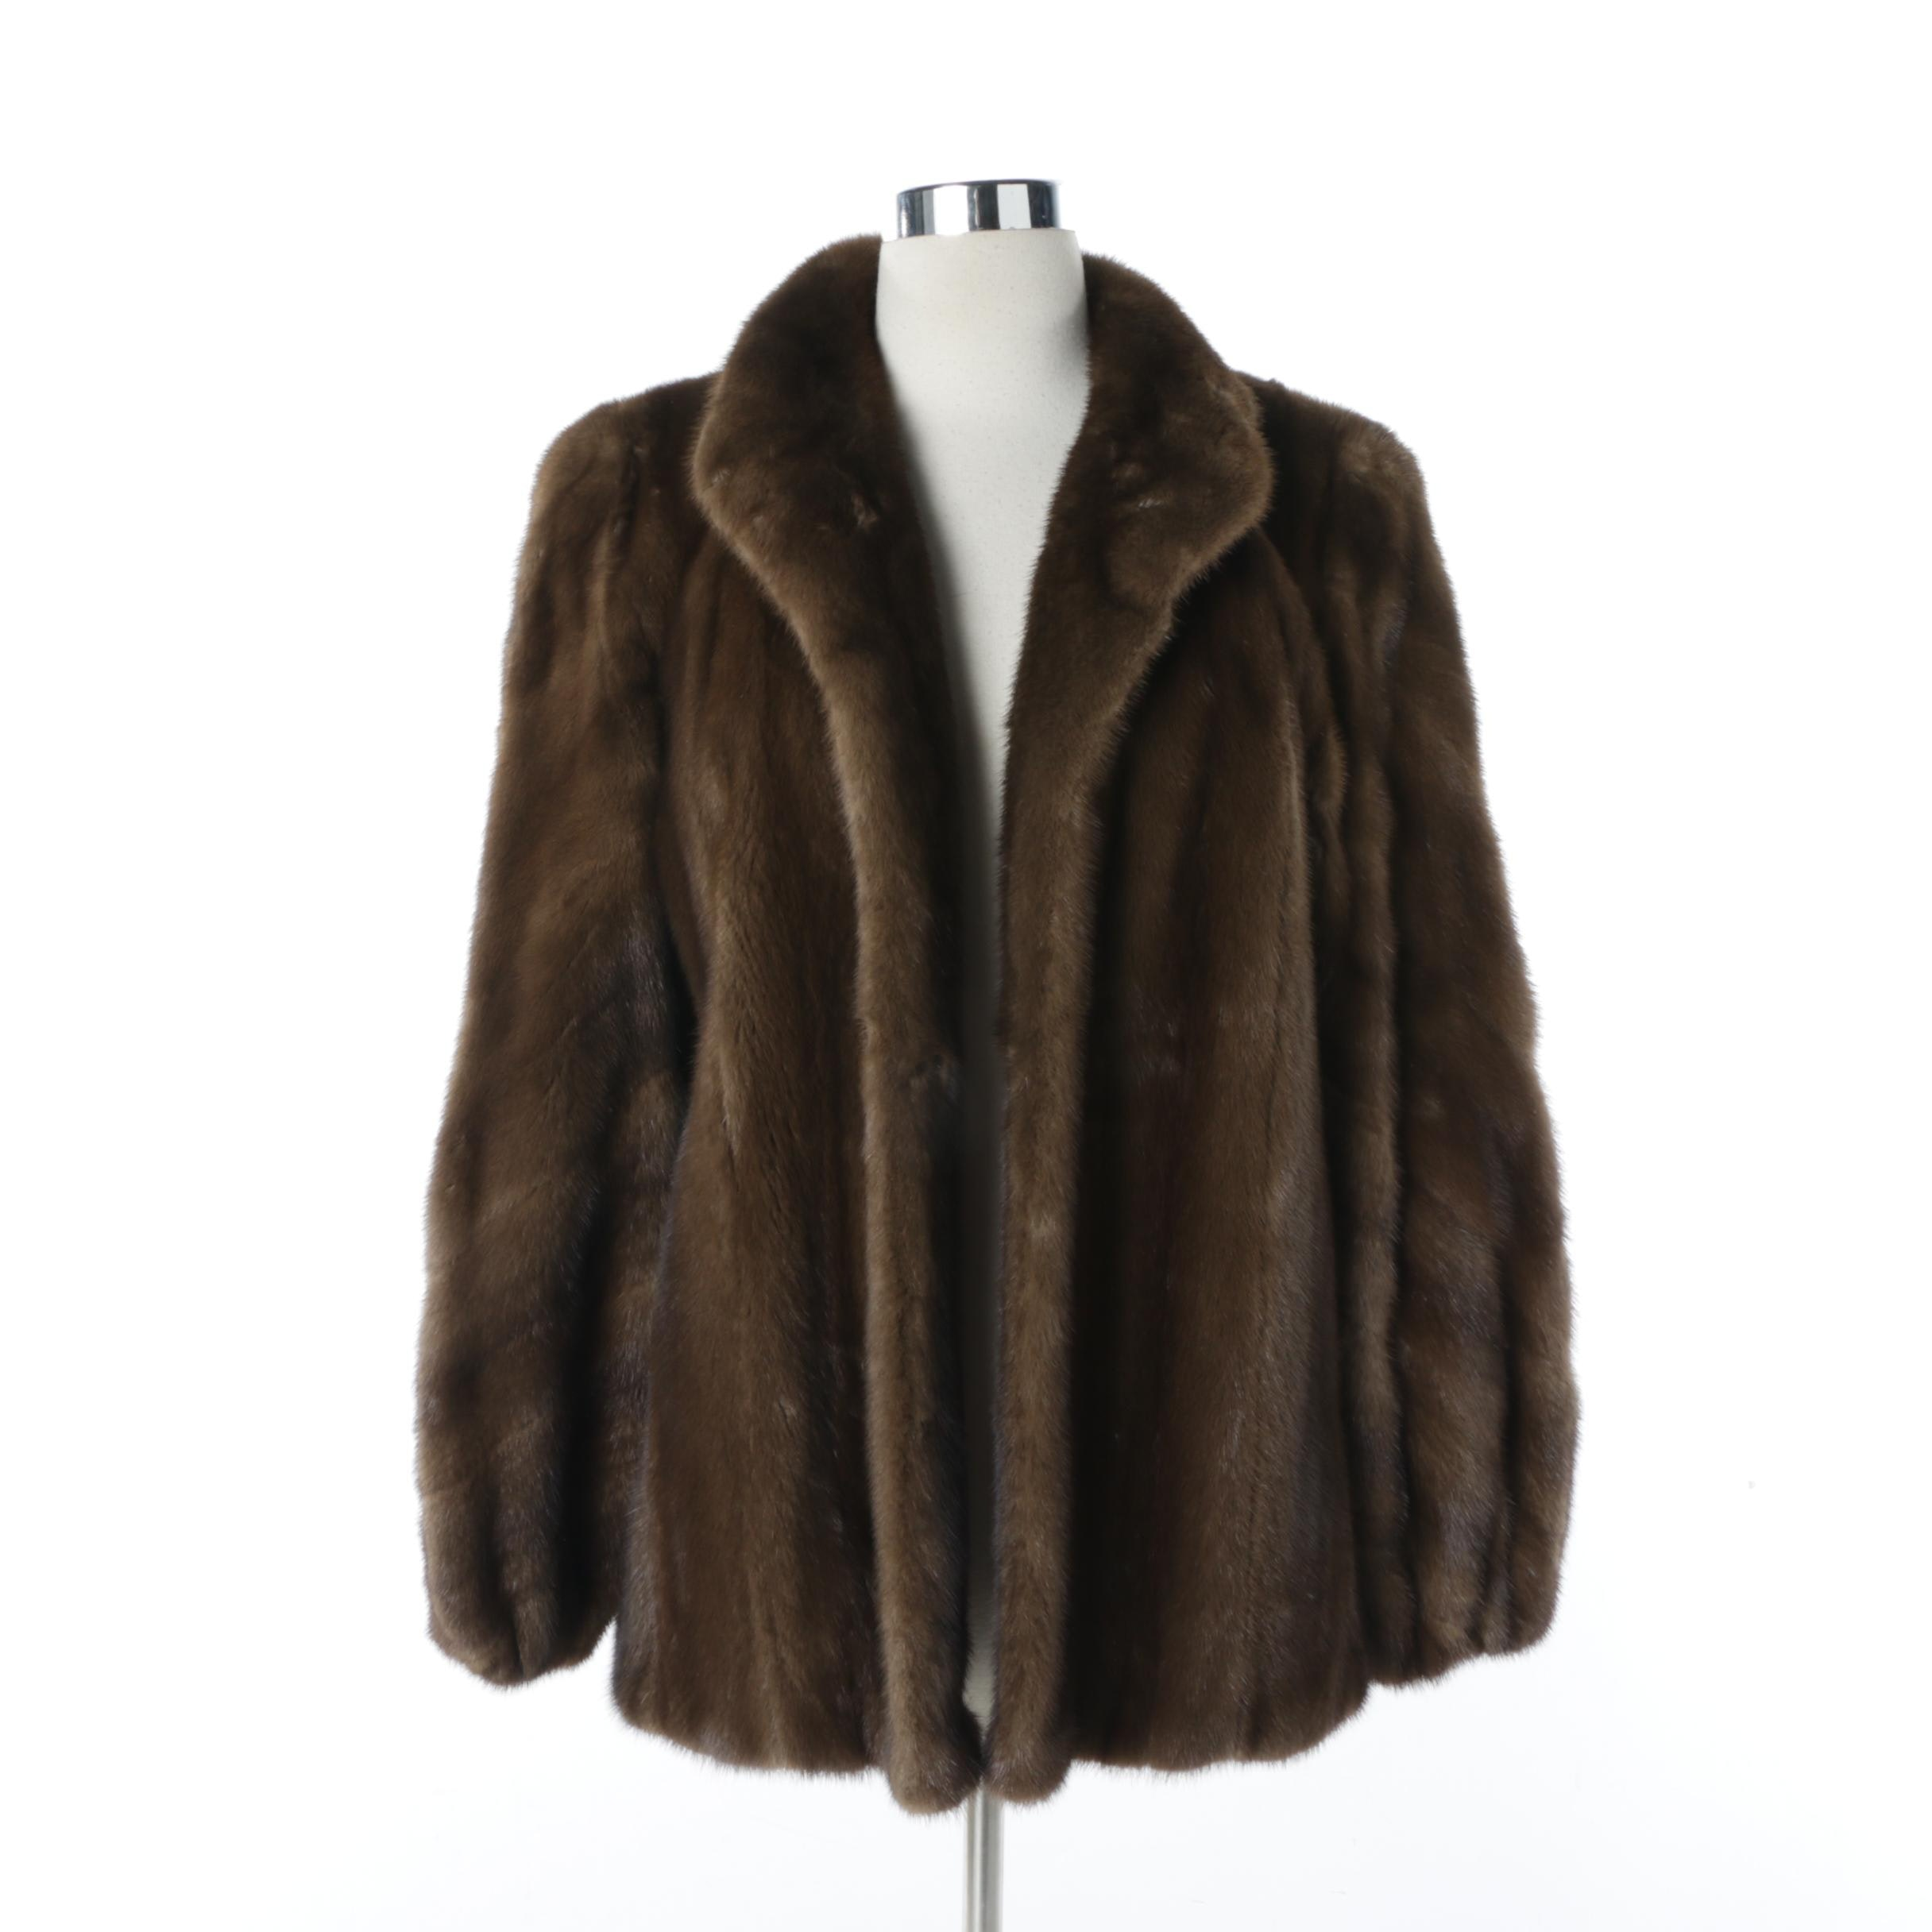 Women's Bullocks Wilshire Brown Mink Fur Coat